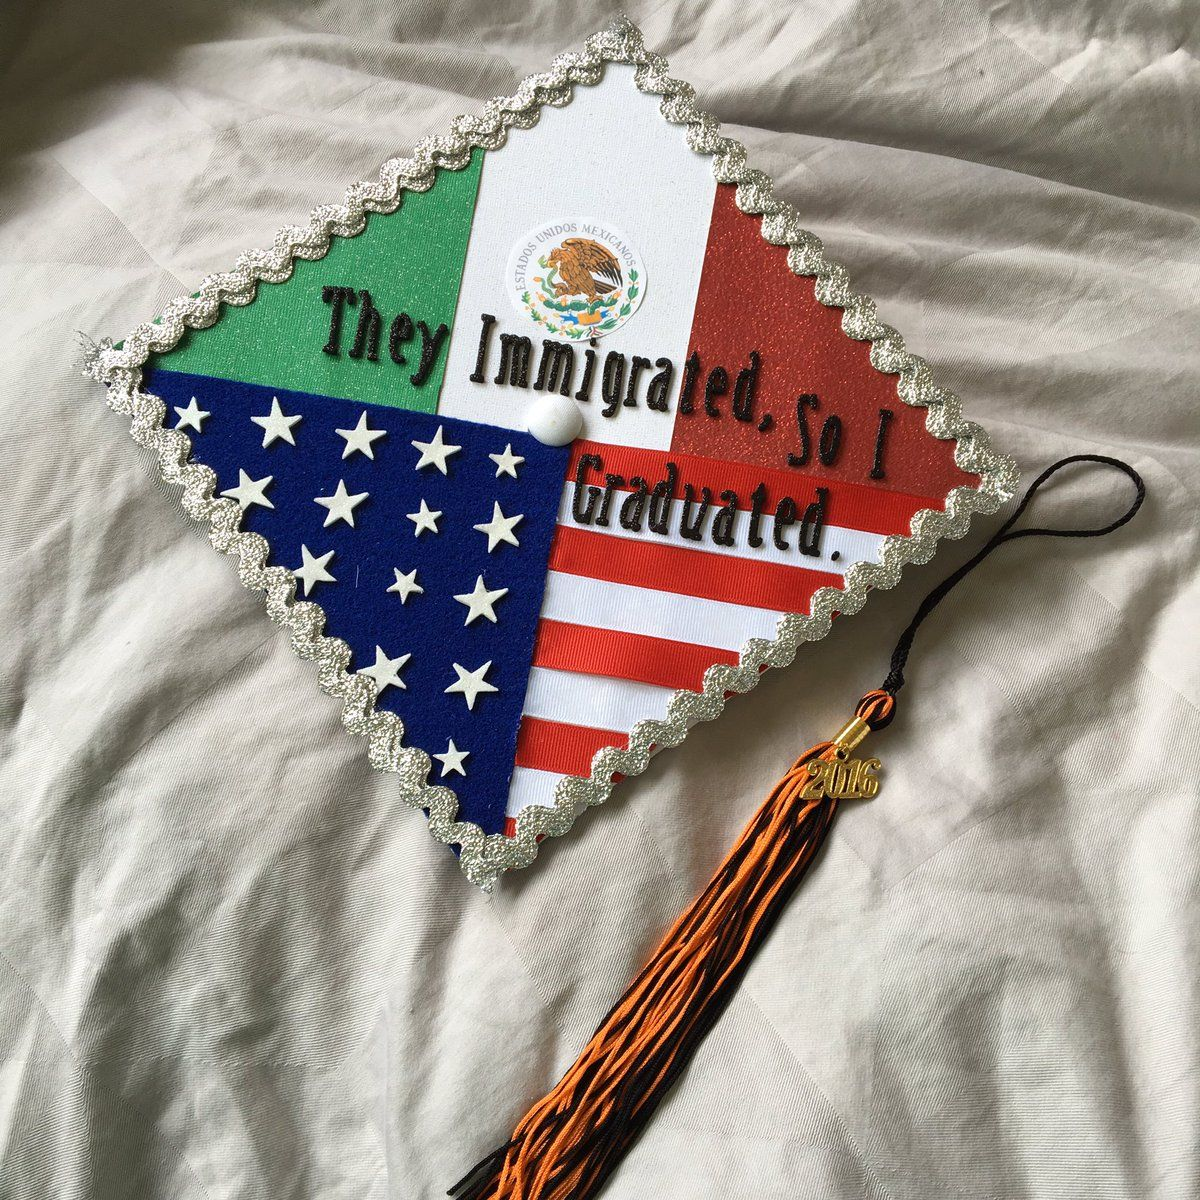 Medium Of Graduation Caps Ideas